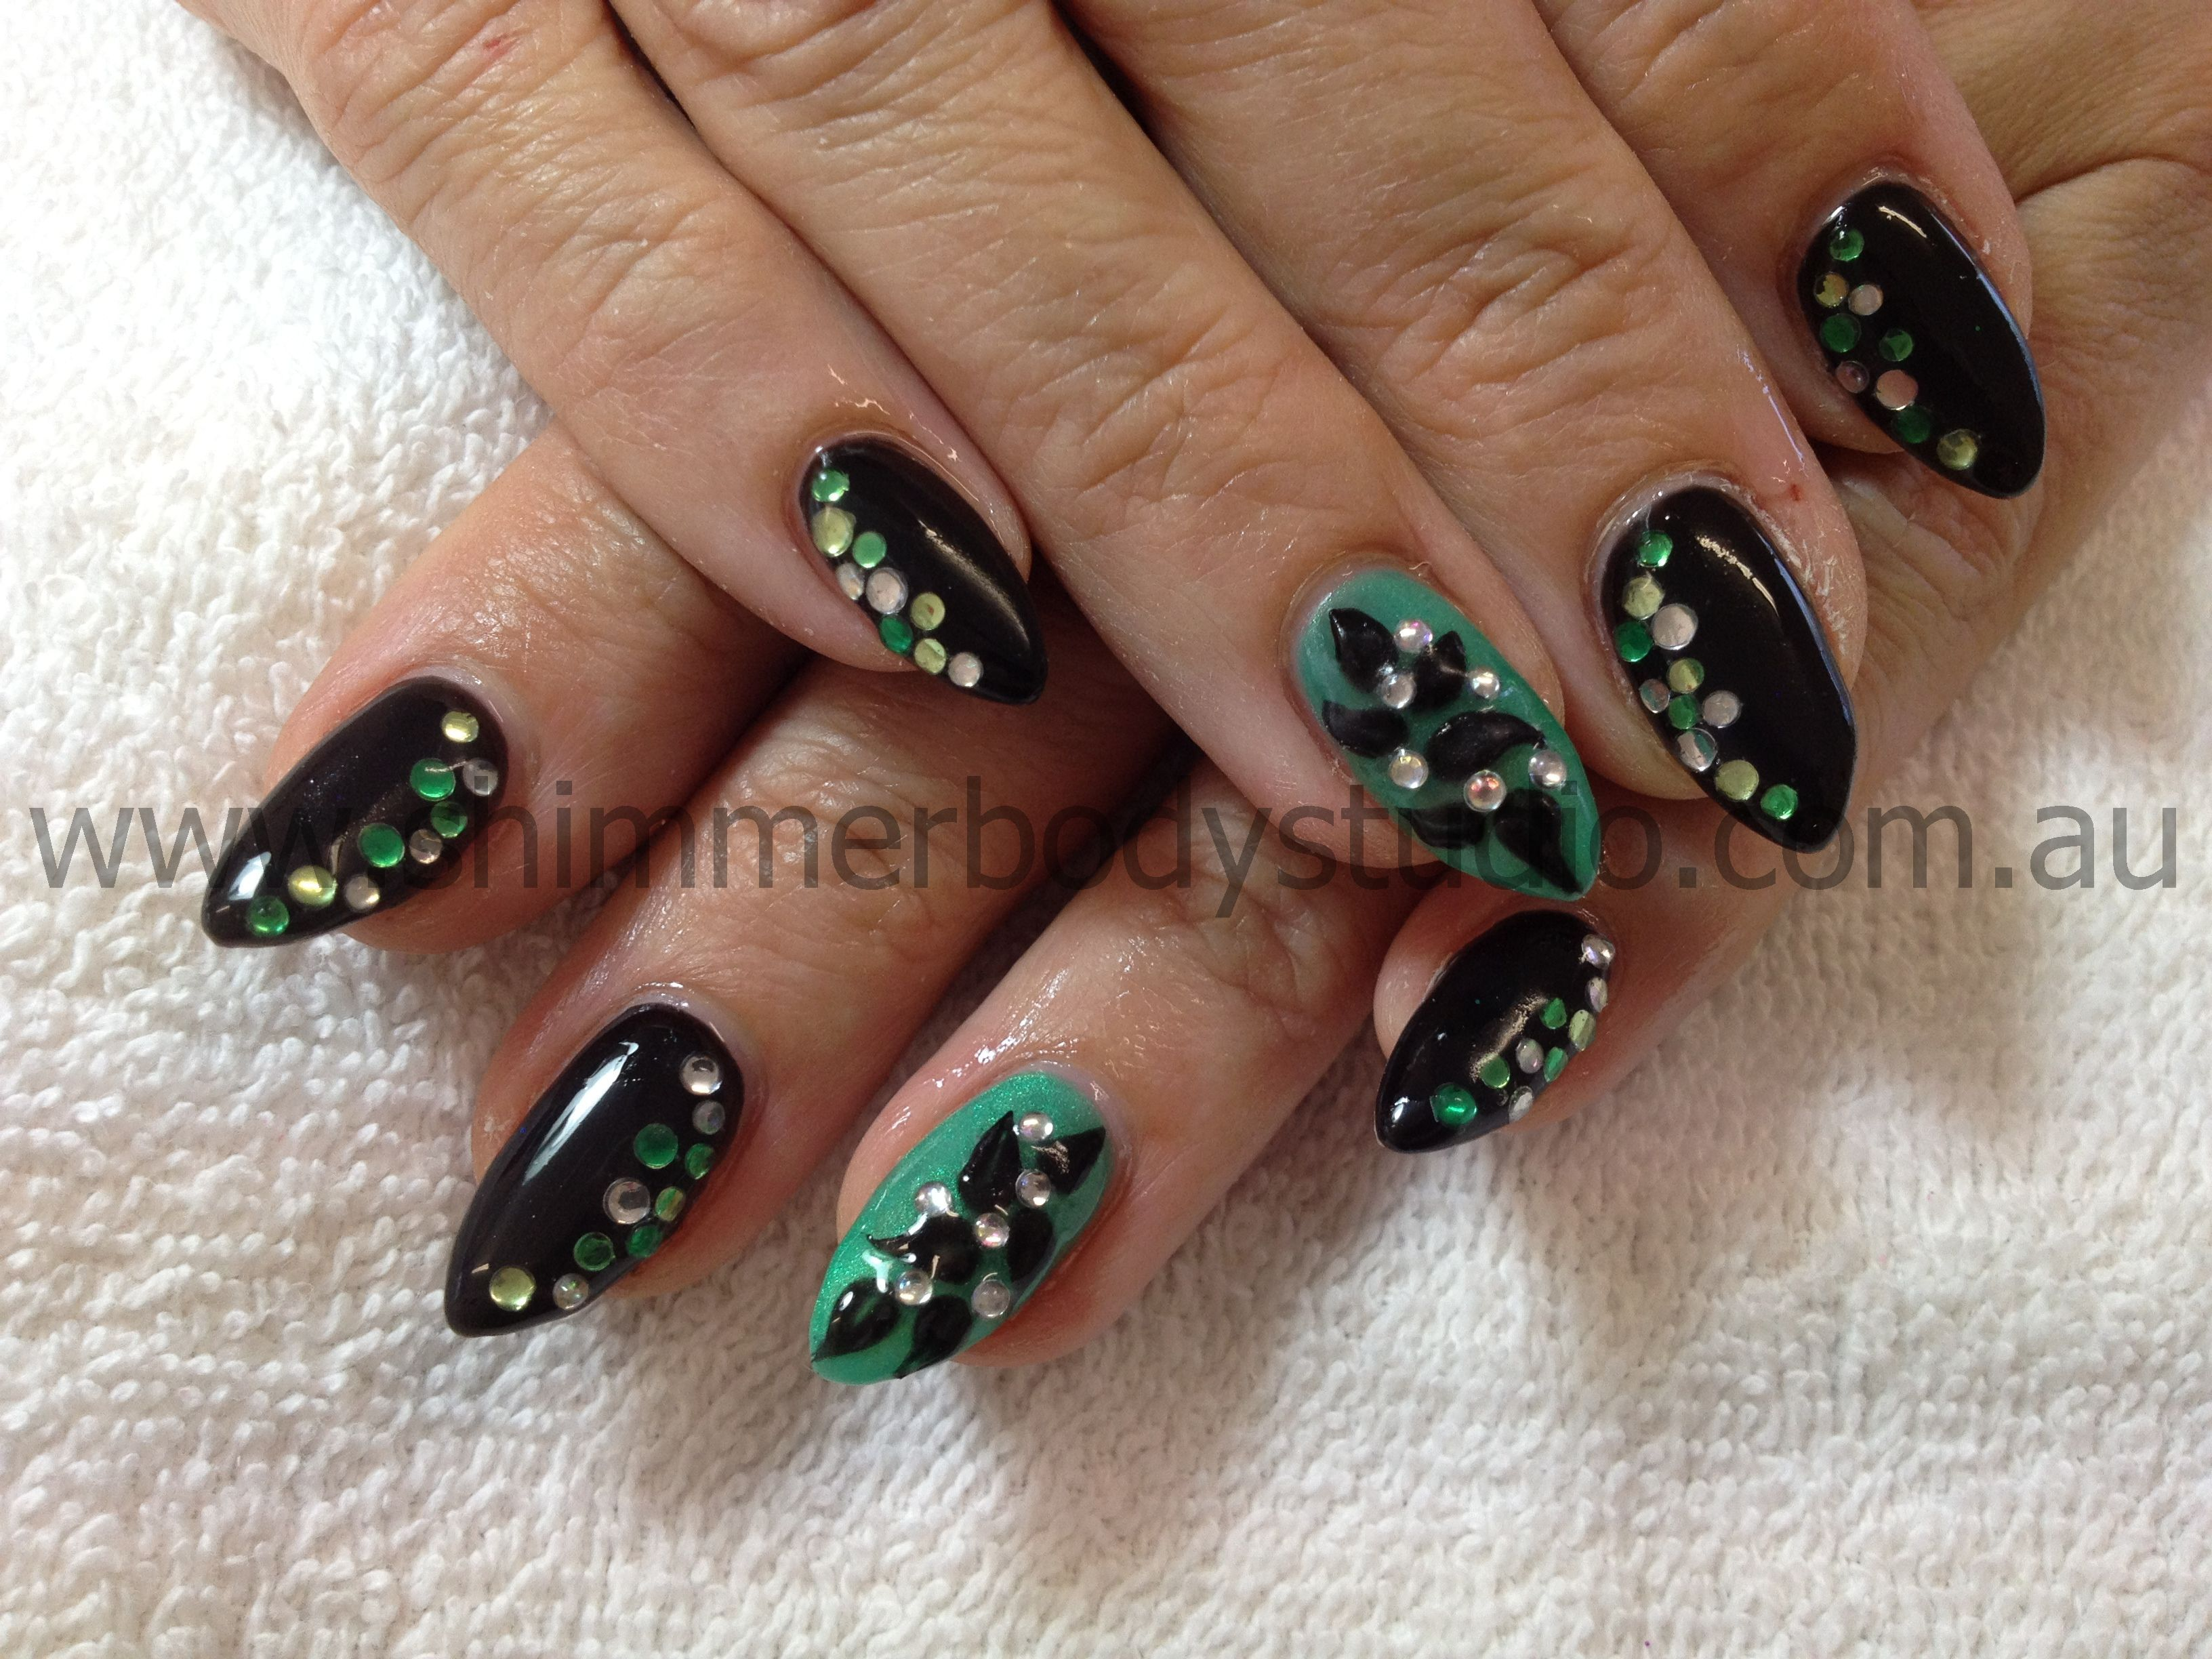 Gel nails, black and aqua nails, crystals diamantes nail art, 3d ...